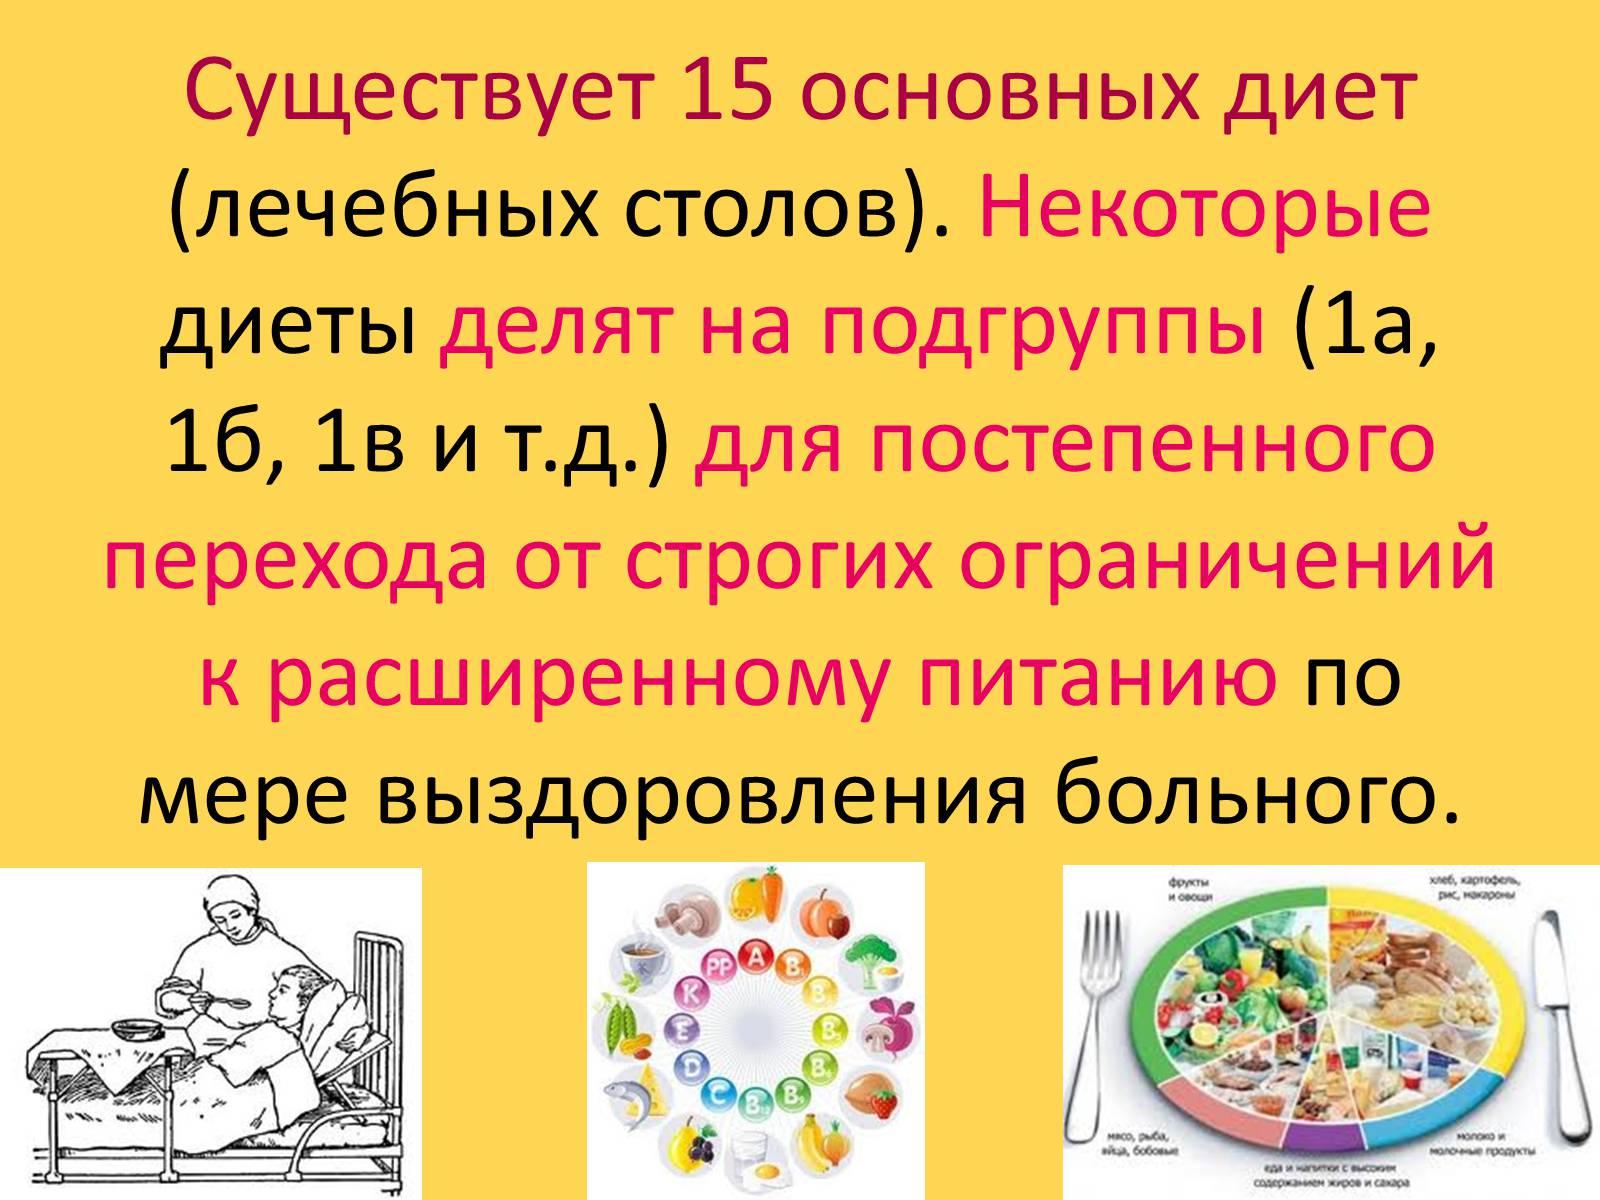 Понятие О Здоровом Питании Лечебные Диеты Столы. Медицинские диеты №1-№15